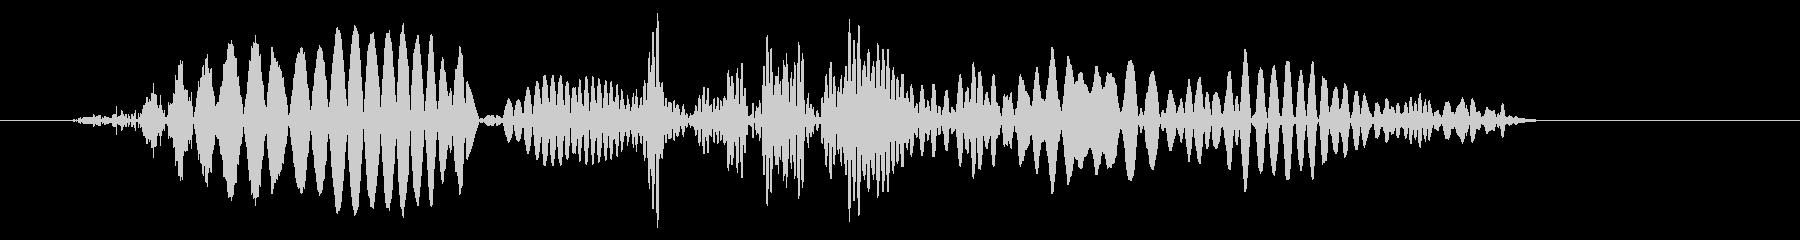 ボムッという軽い風切り音の未再生の波形